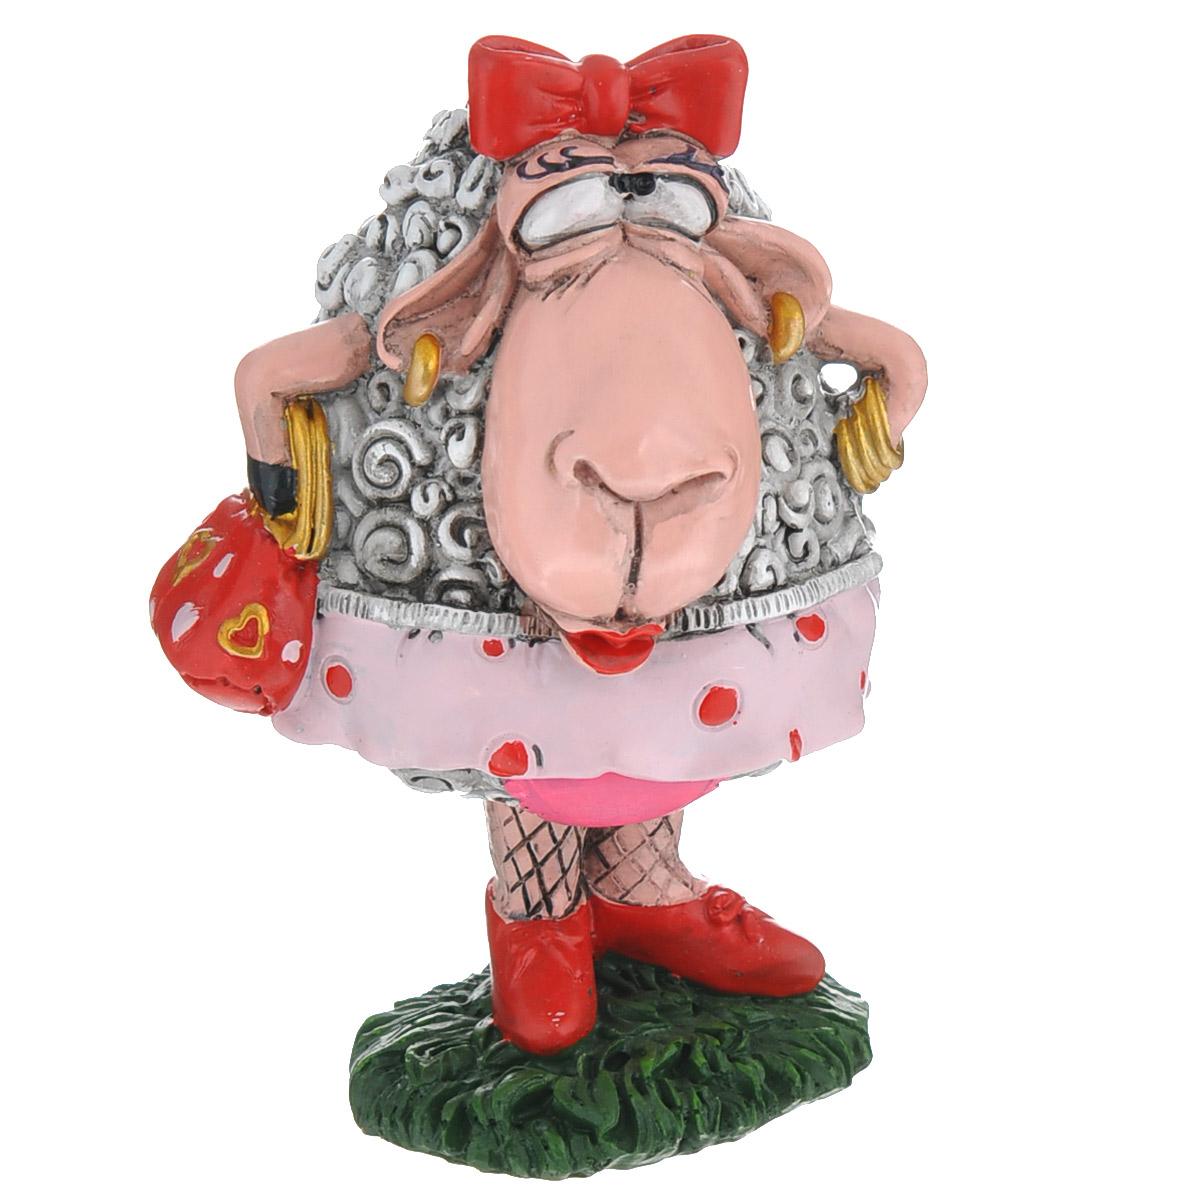 Статуэтка декоративная Comical World Овечка-модница, цвет: серый, красныйCW-WD83999-ALОригинальная декоративная статуэтка Comical World Овечка-модница выполнена из полистоуна в виде красивой овечки с сумочкой и бантиком на голове. Такая статуэтка - отличный вариант для новогоднего подарка для ваших близких и друзей.